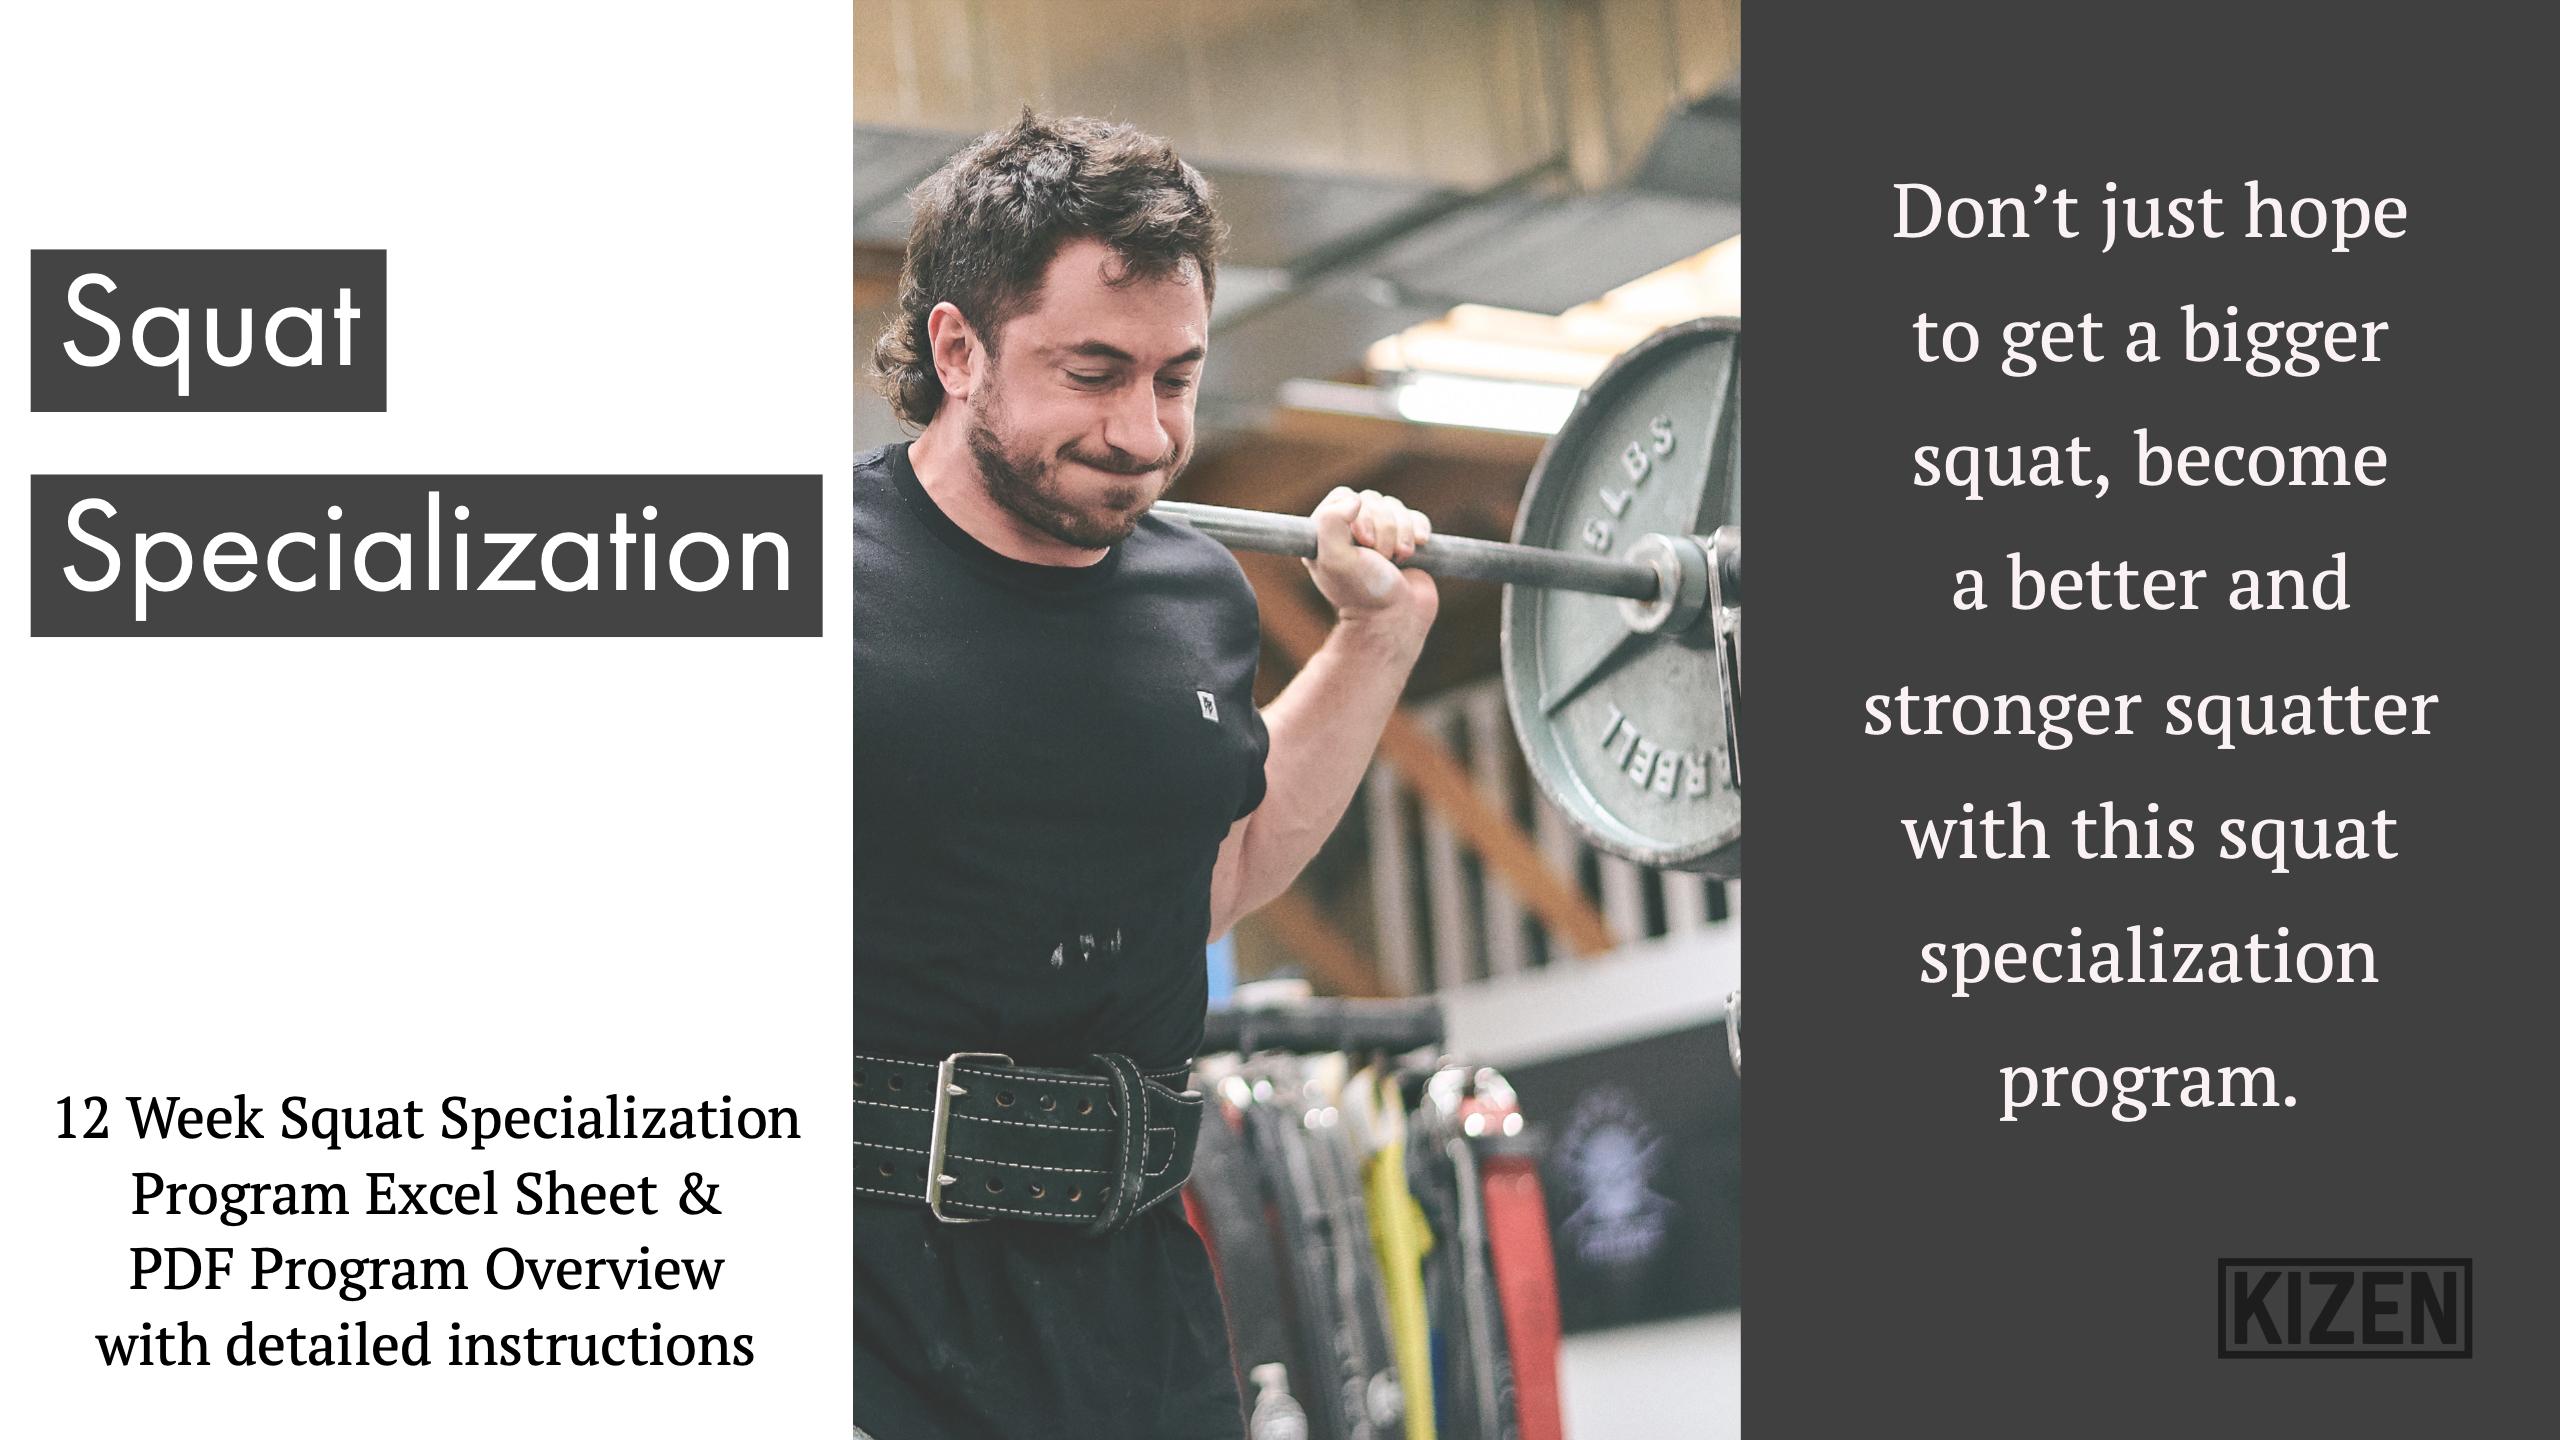 Squat Specialization Program - 12 Week   Kizen Training